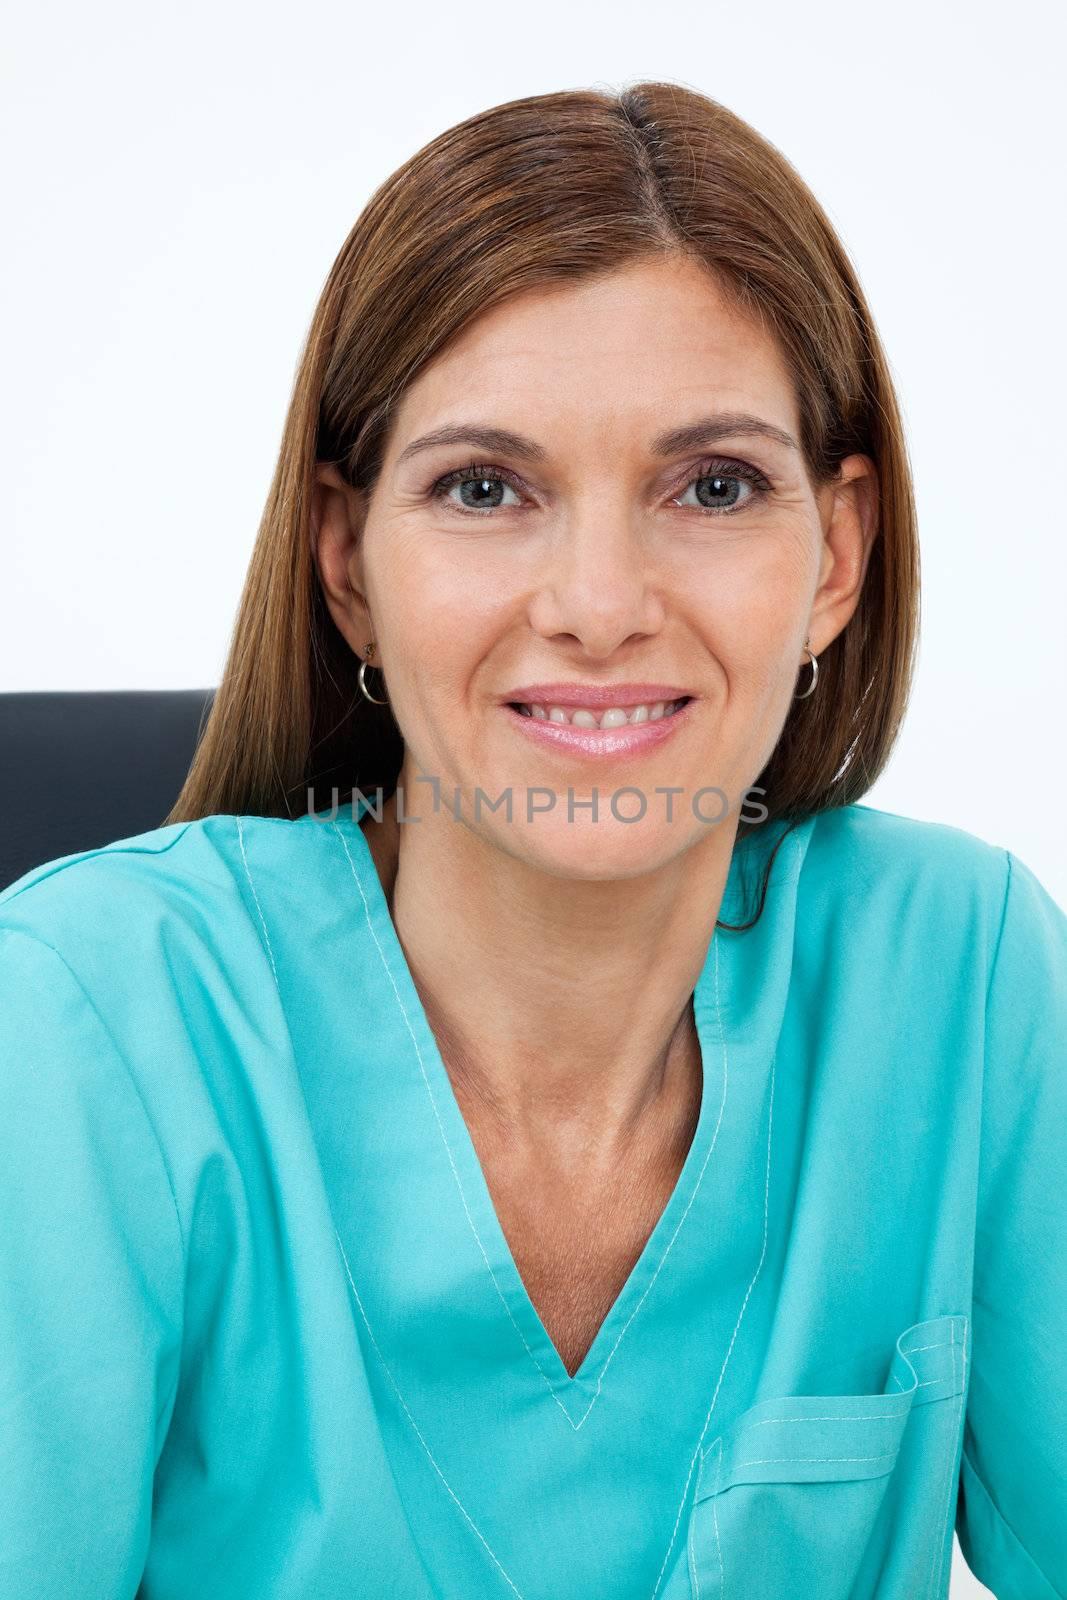 Closeup portrait of female dentist in scrubs smiling